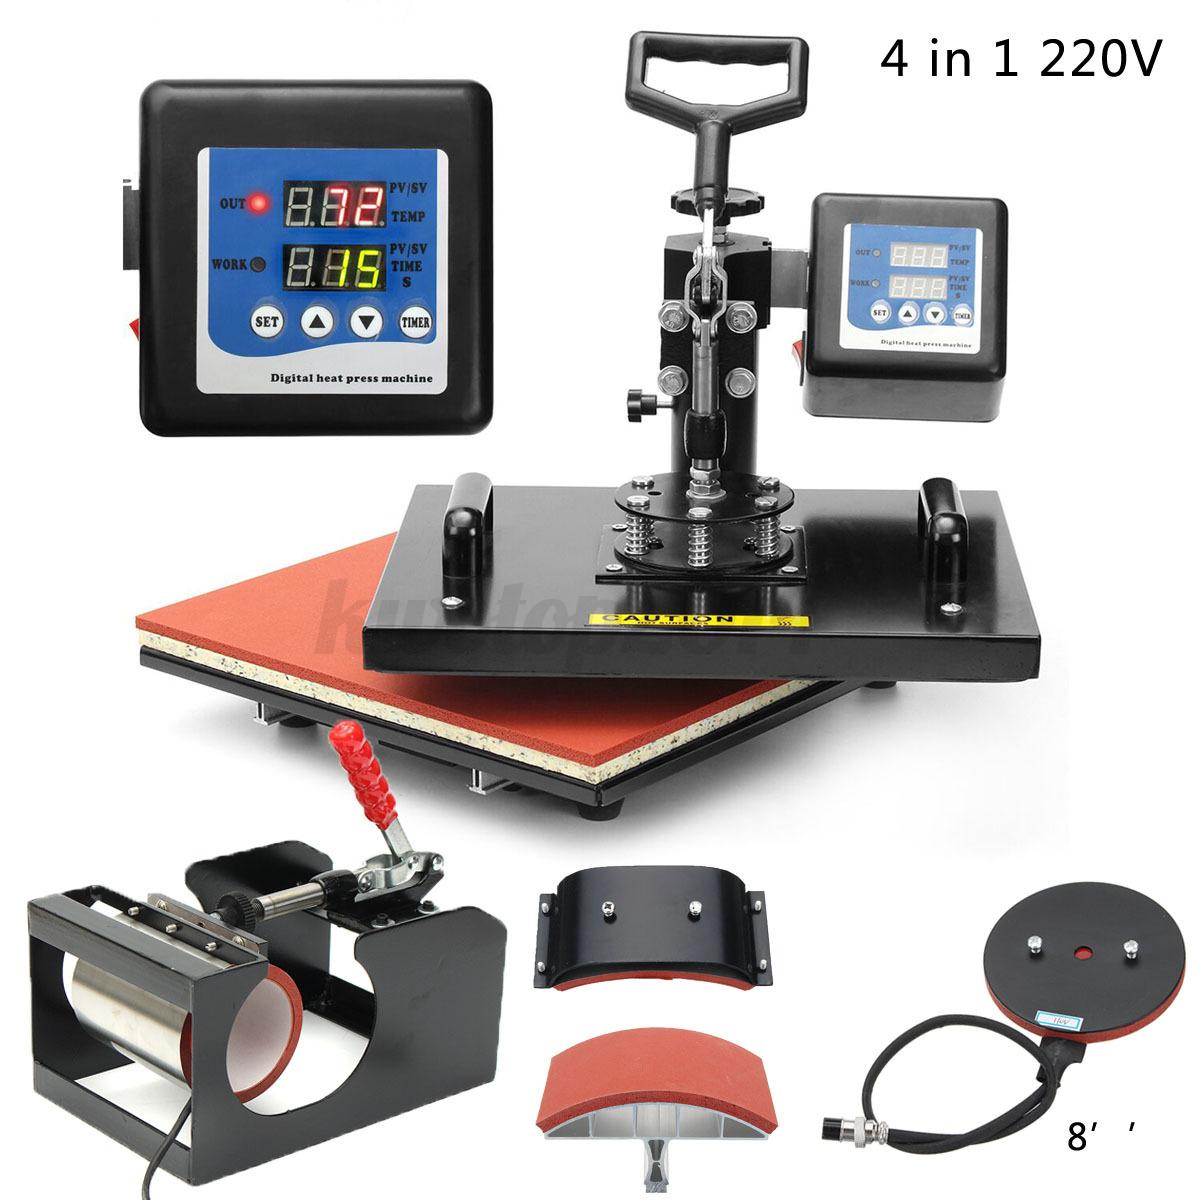 T Shirt Printing Machine Price In Kenya Joe Maloy